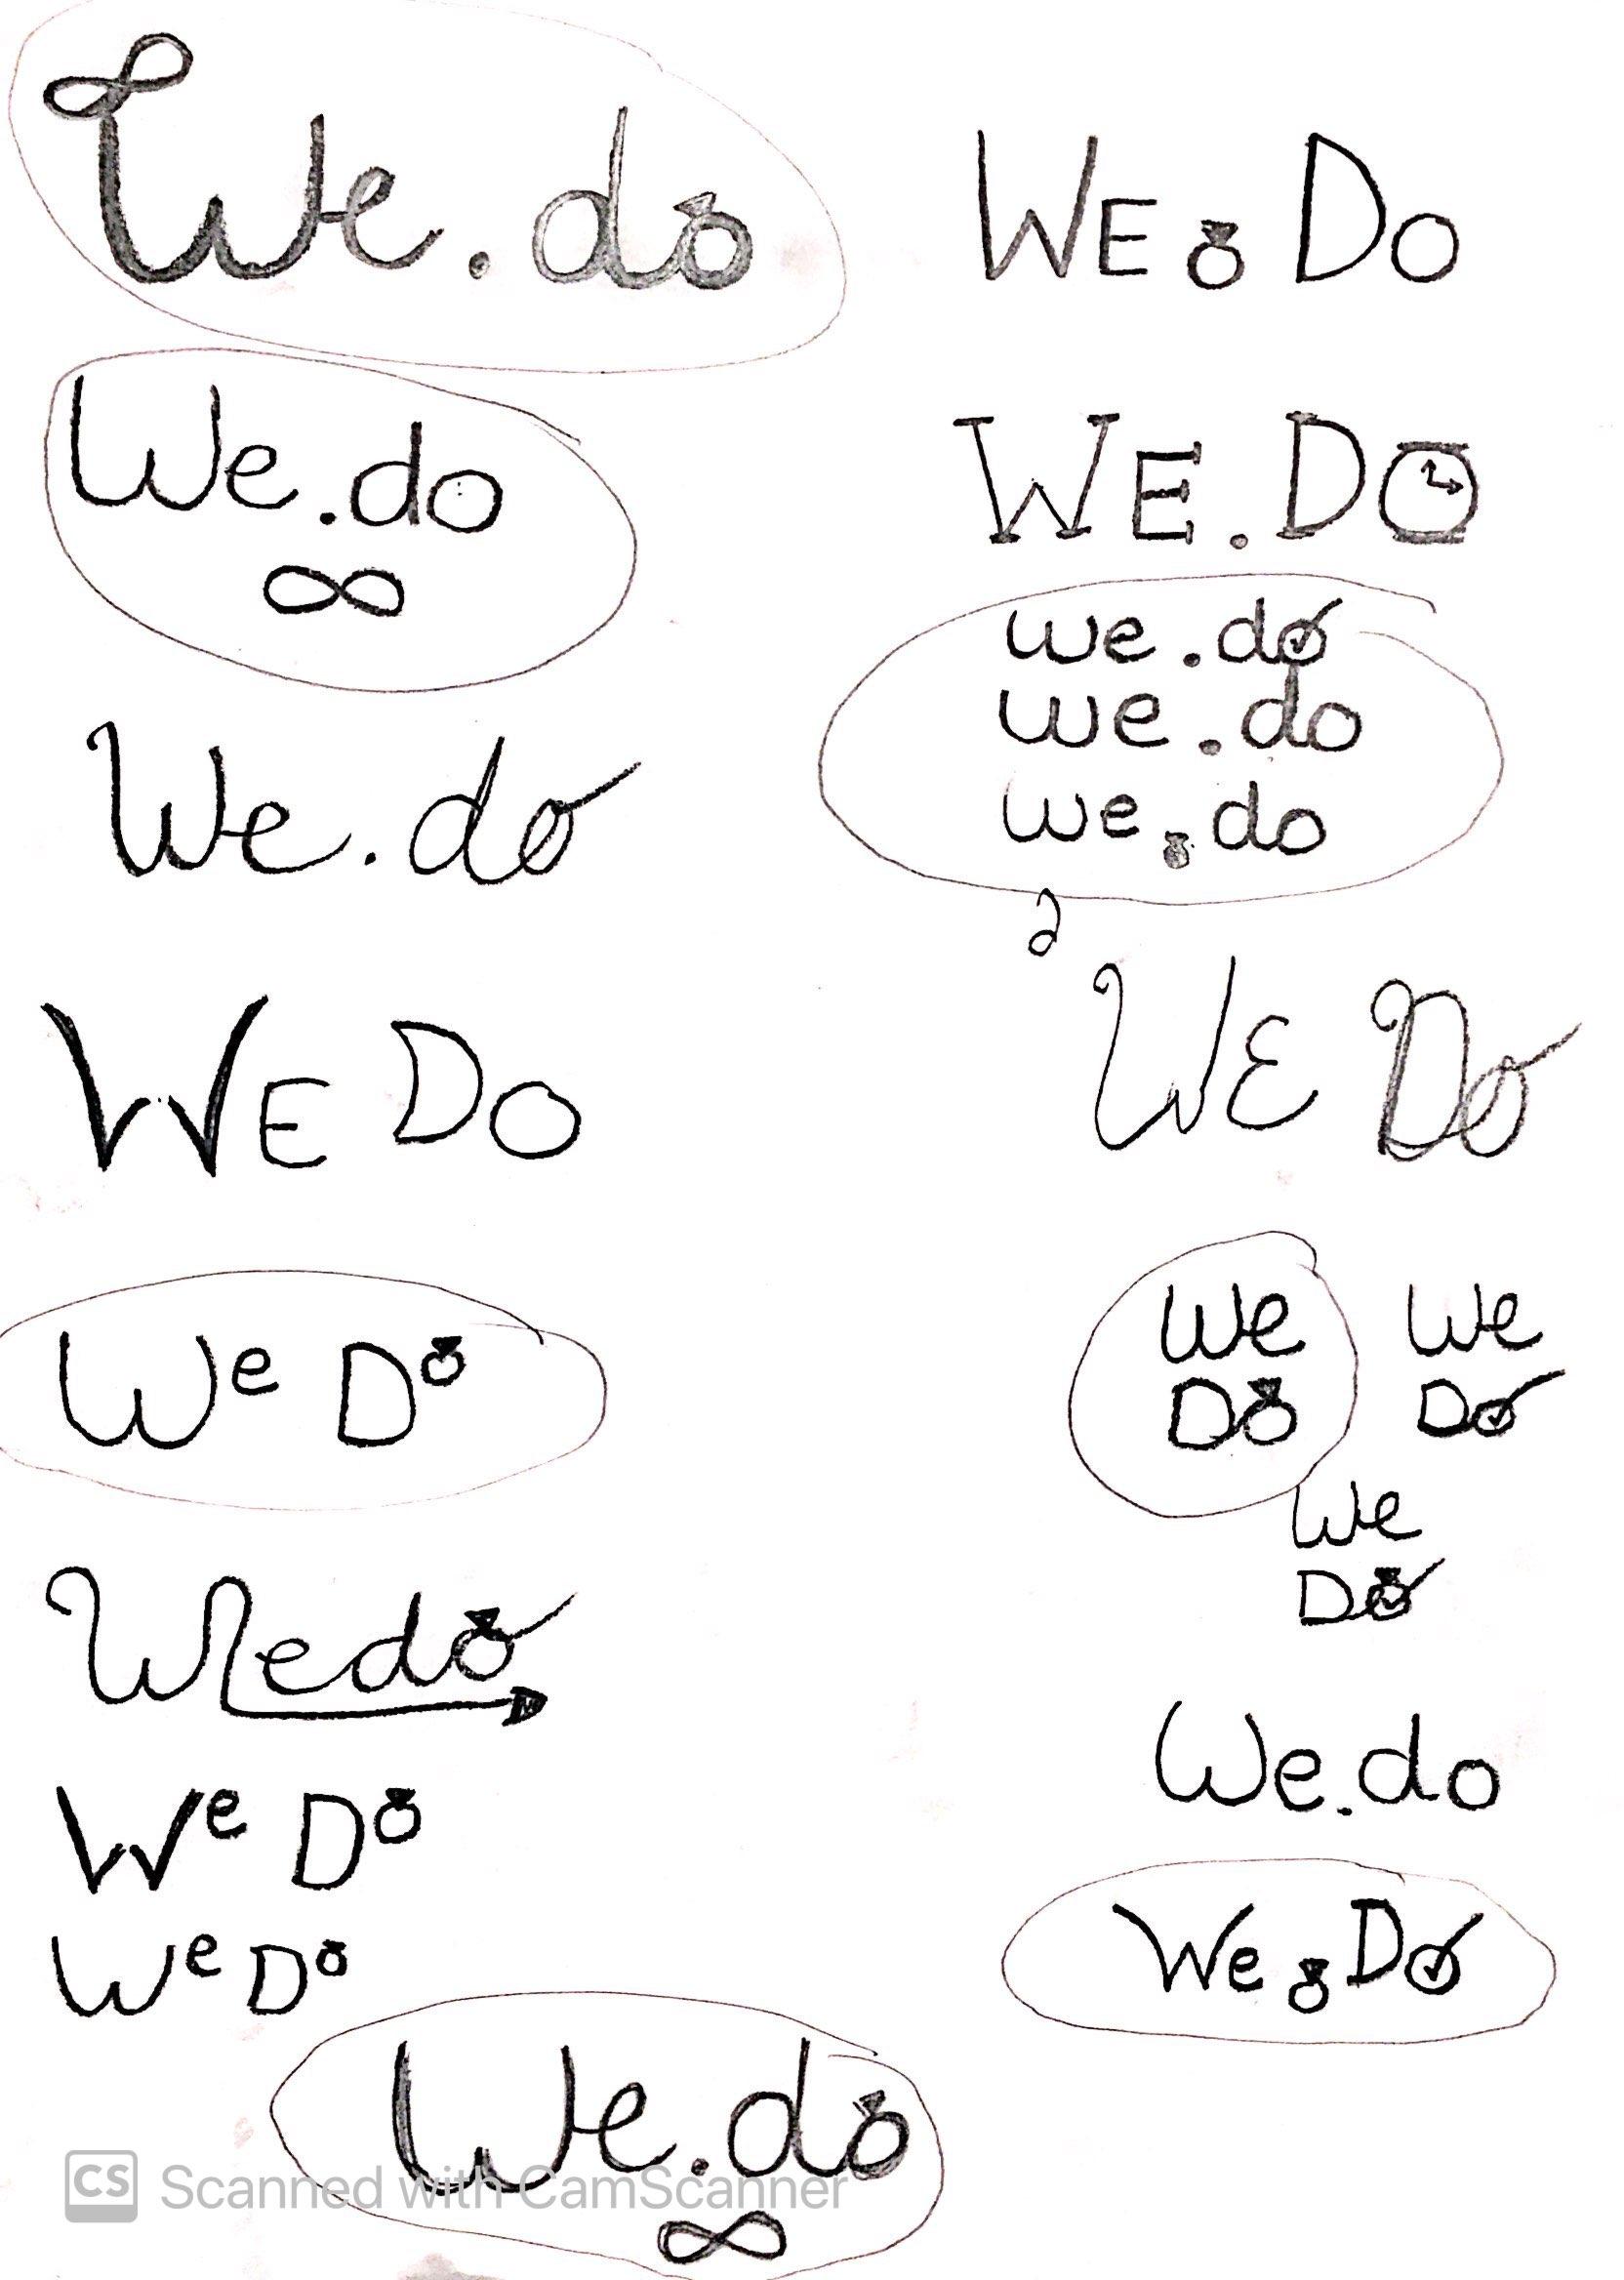 Sketching-Wordmark